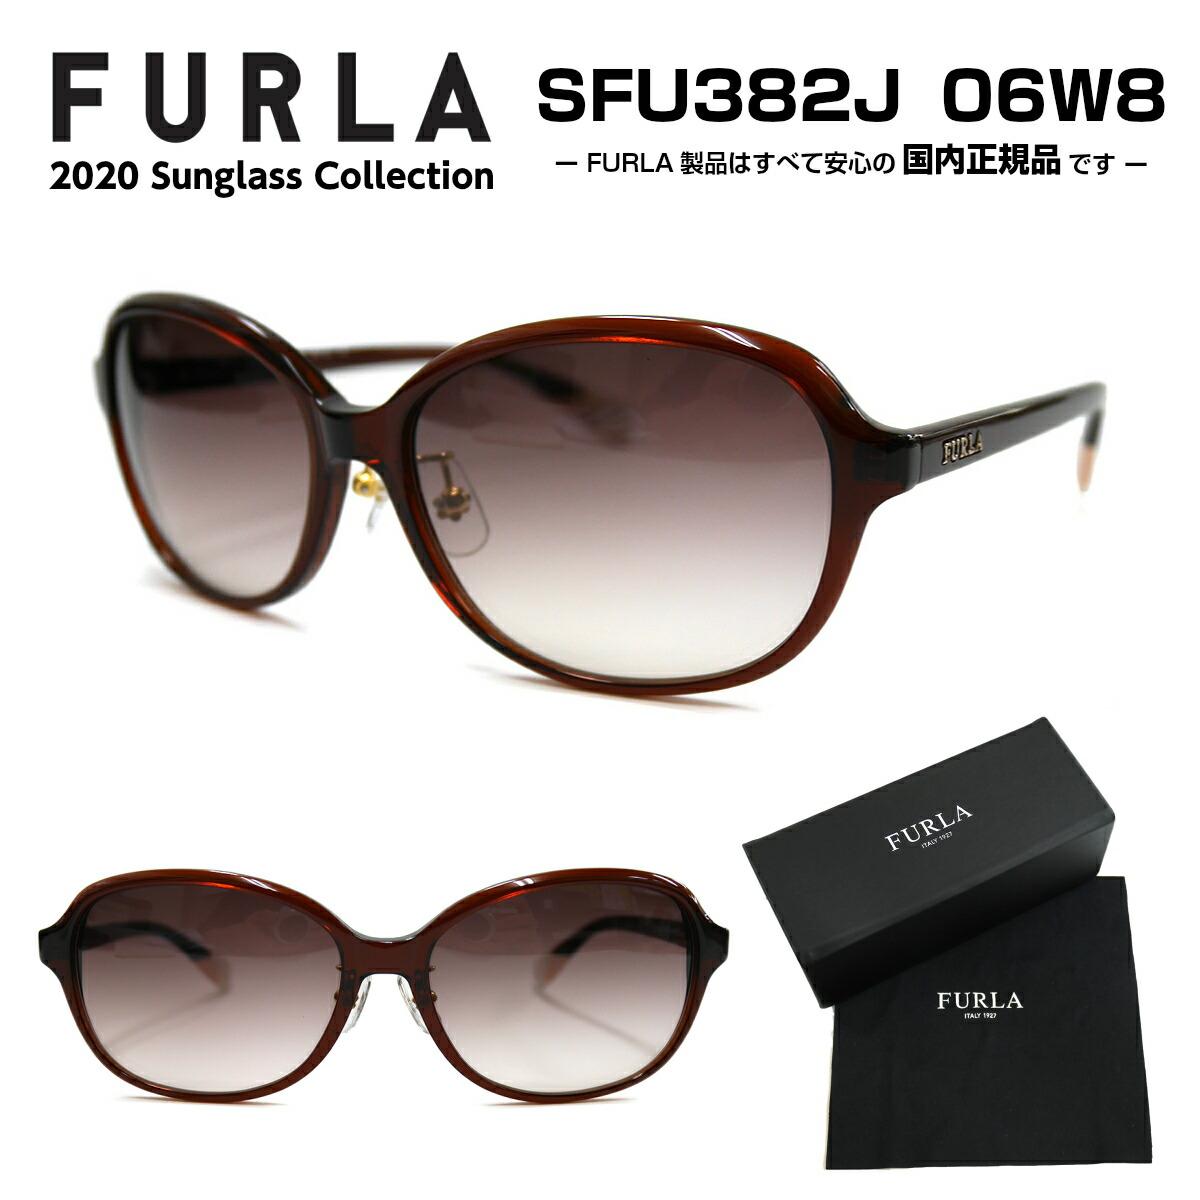 FURLA フルラ サングラス SFU382J 06W8 2020年モデル SUNGLASS メガネ レディース 女性 正規品 UVカット ライトカラー うすめ きれい かわいい 大きめ 母の日 プレゼント ギフト オススメ